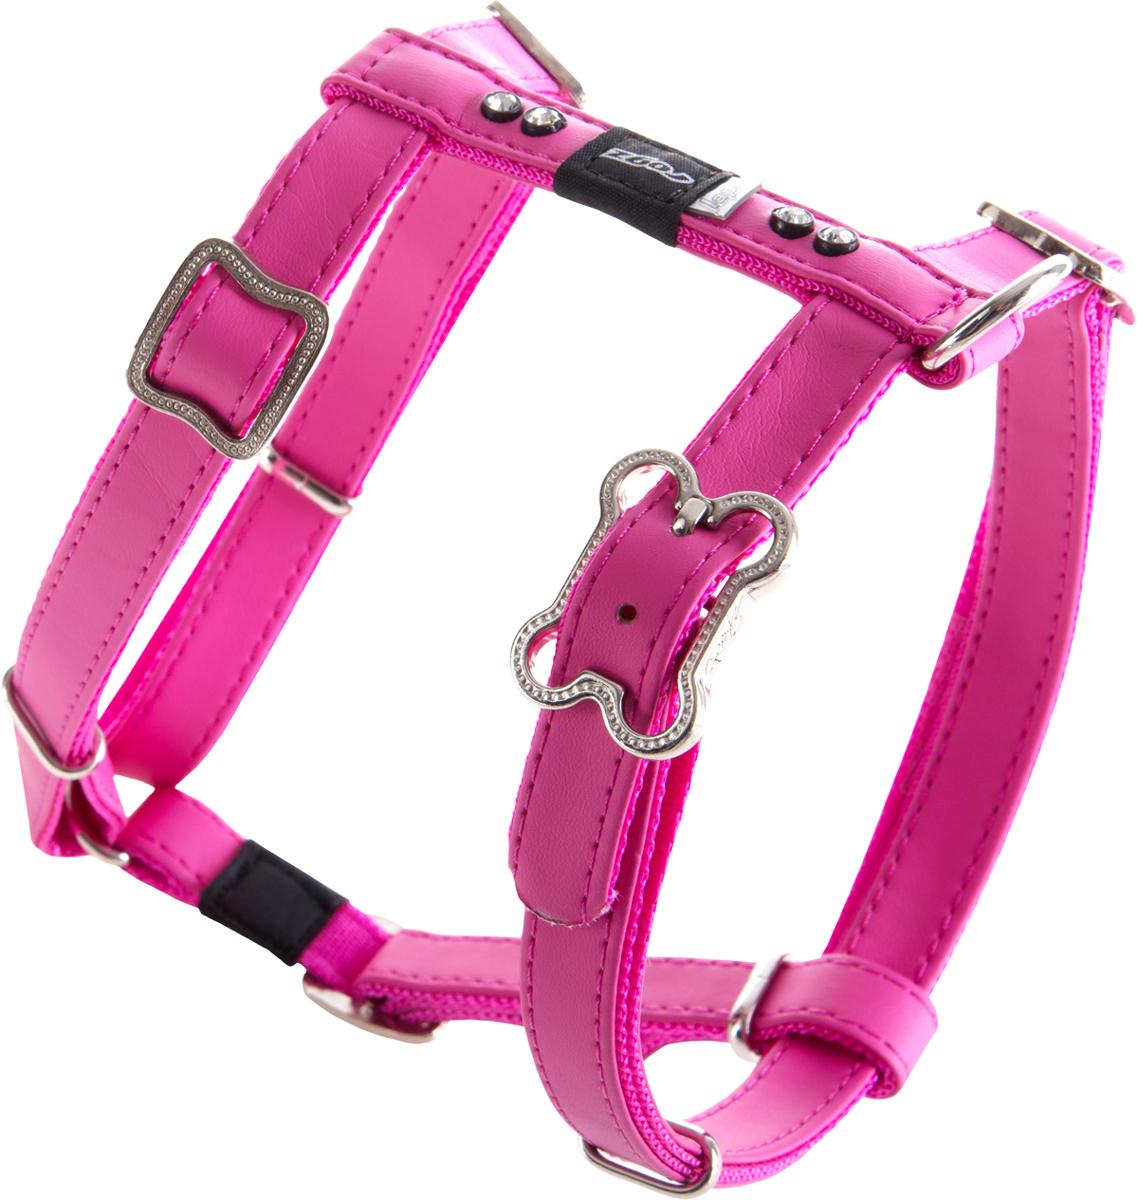 Шлейка для собак Rogz Luna, цвет: розовый, ширина 1,6 см. Размер M0120710Шлейка для собак Rogz Luna обладает нежнейшей мягкостью и гибкостью.Авторский дизайн, яркие цвета, изысканные декоративные элементы со стразами.Шлейка подчеркнет индивидуальность вашей собаки.